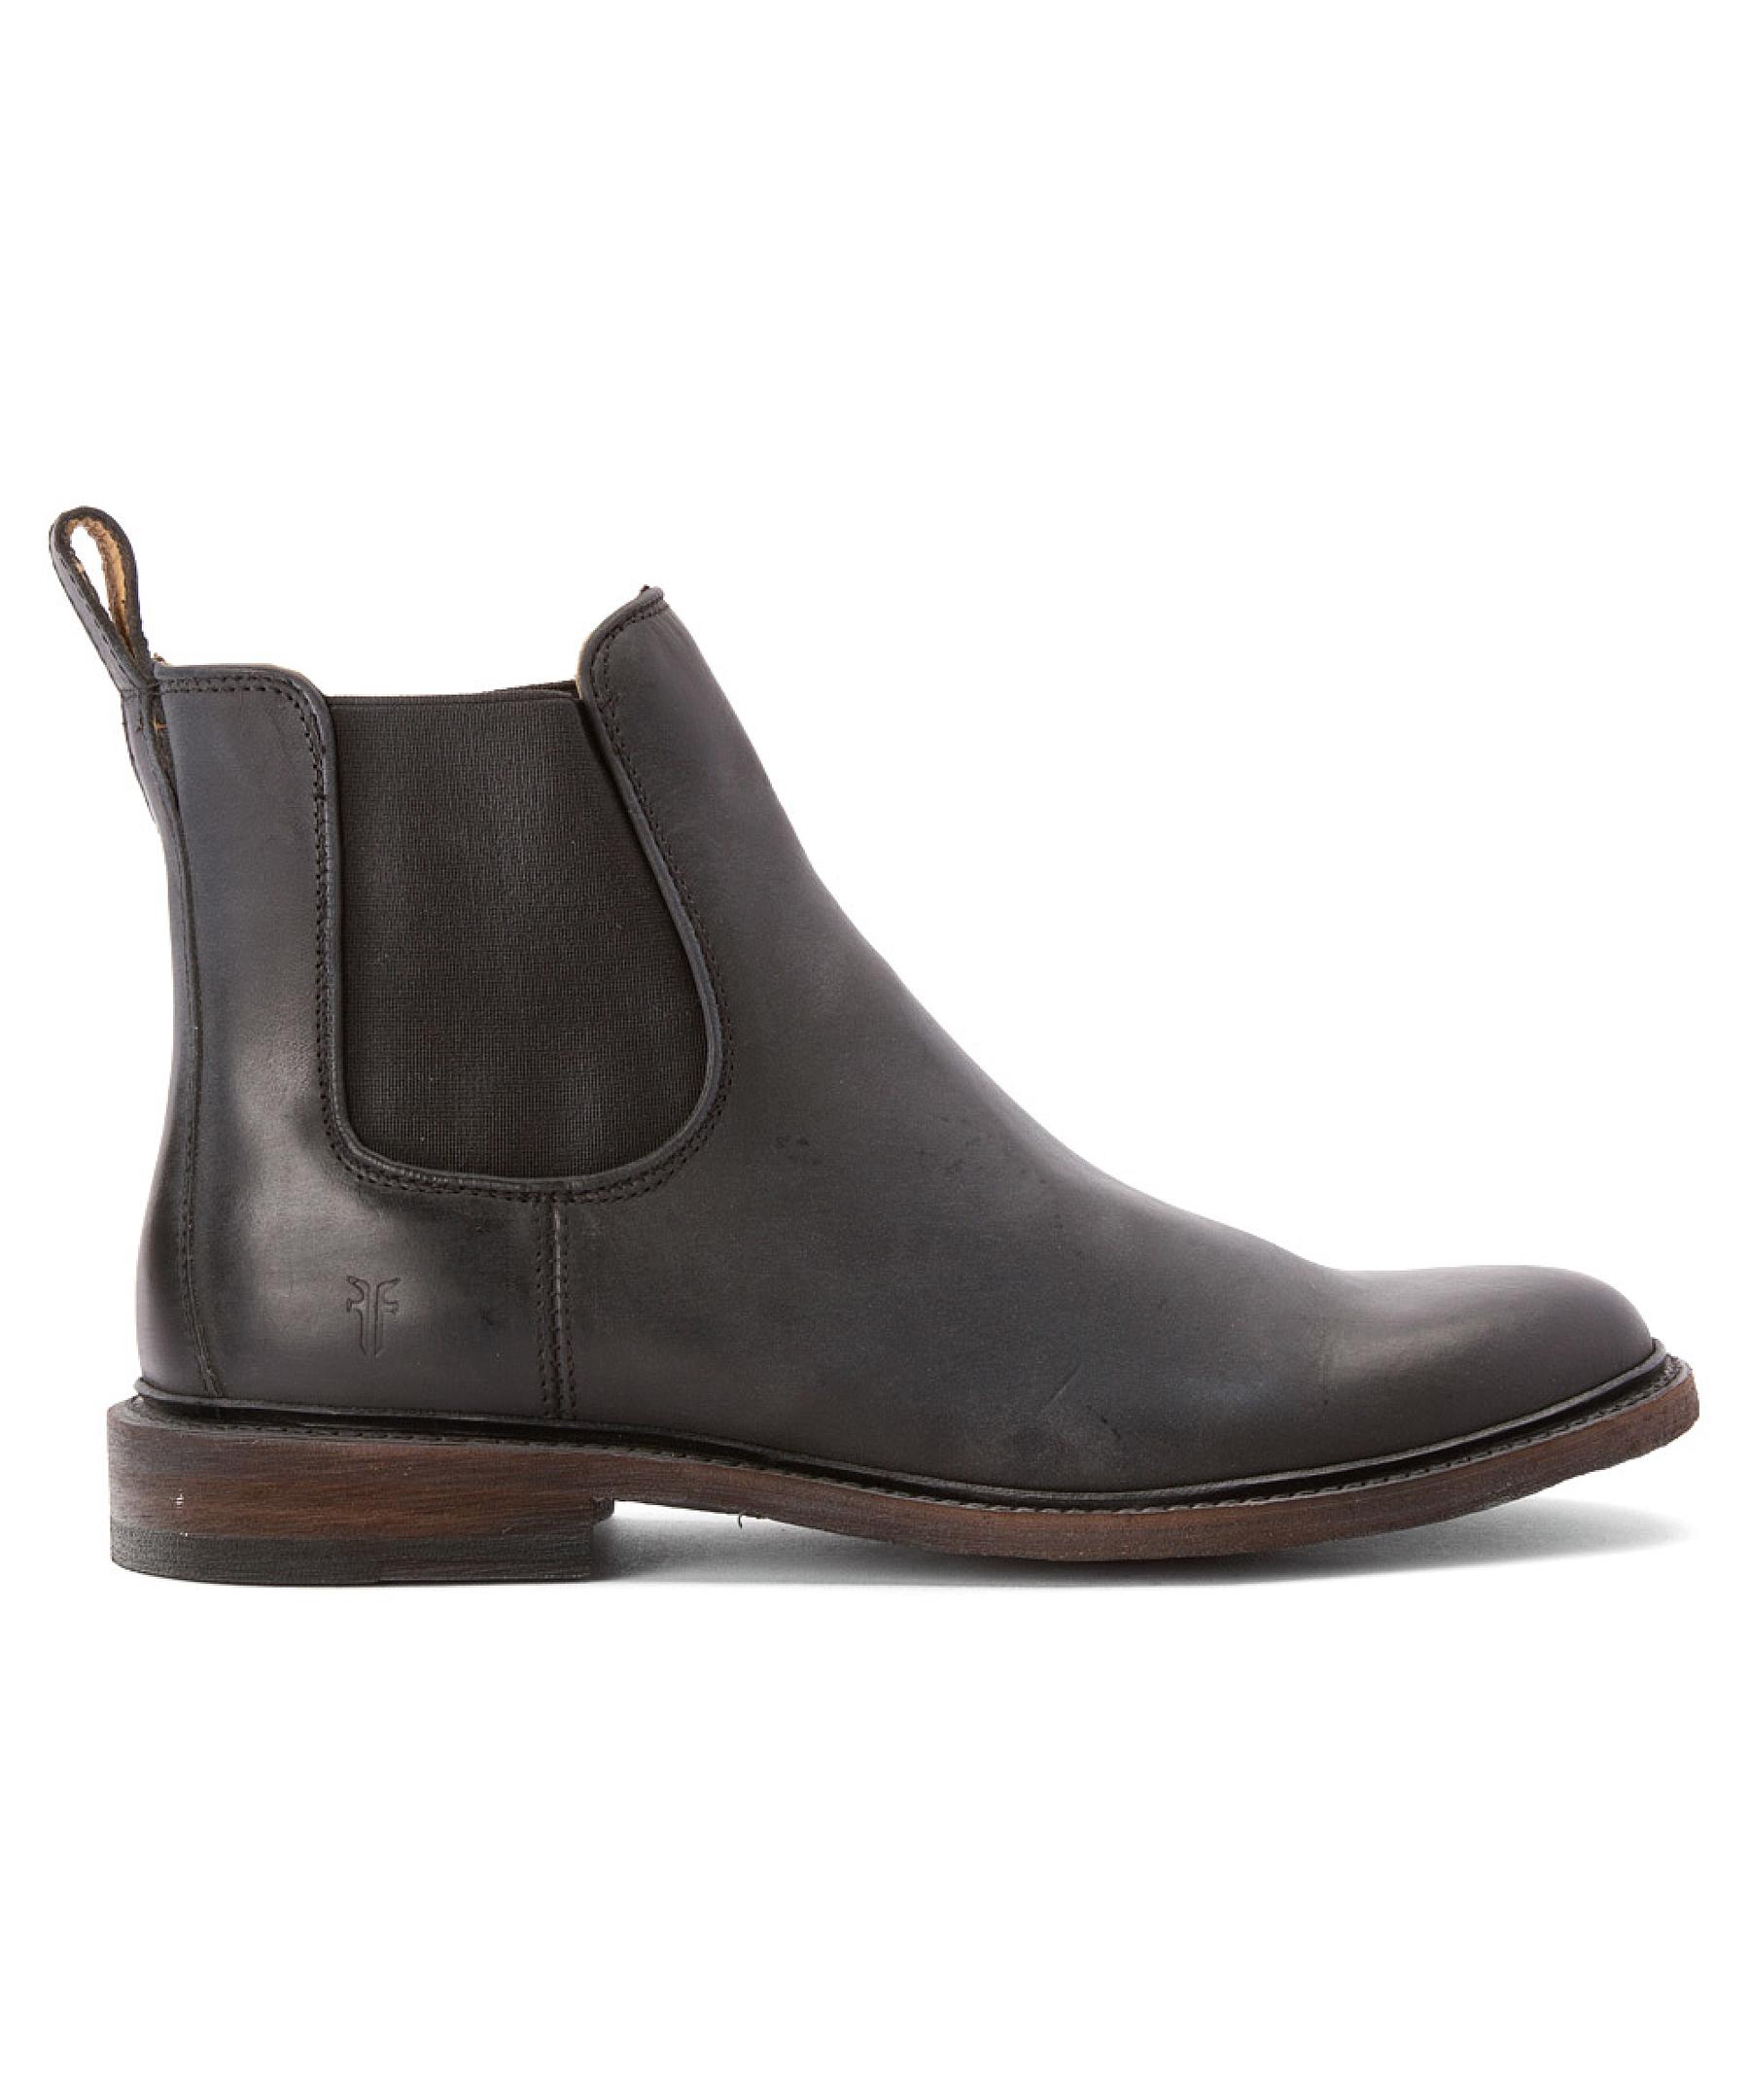 frye men 39 s james chelsea boots in brown for men cognac. Black Bedroom Furniture Sets. Home Design Ideas